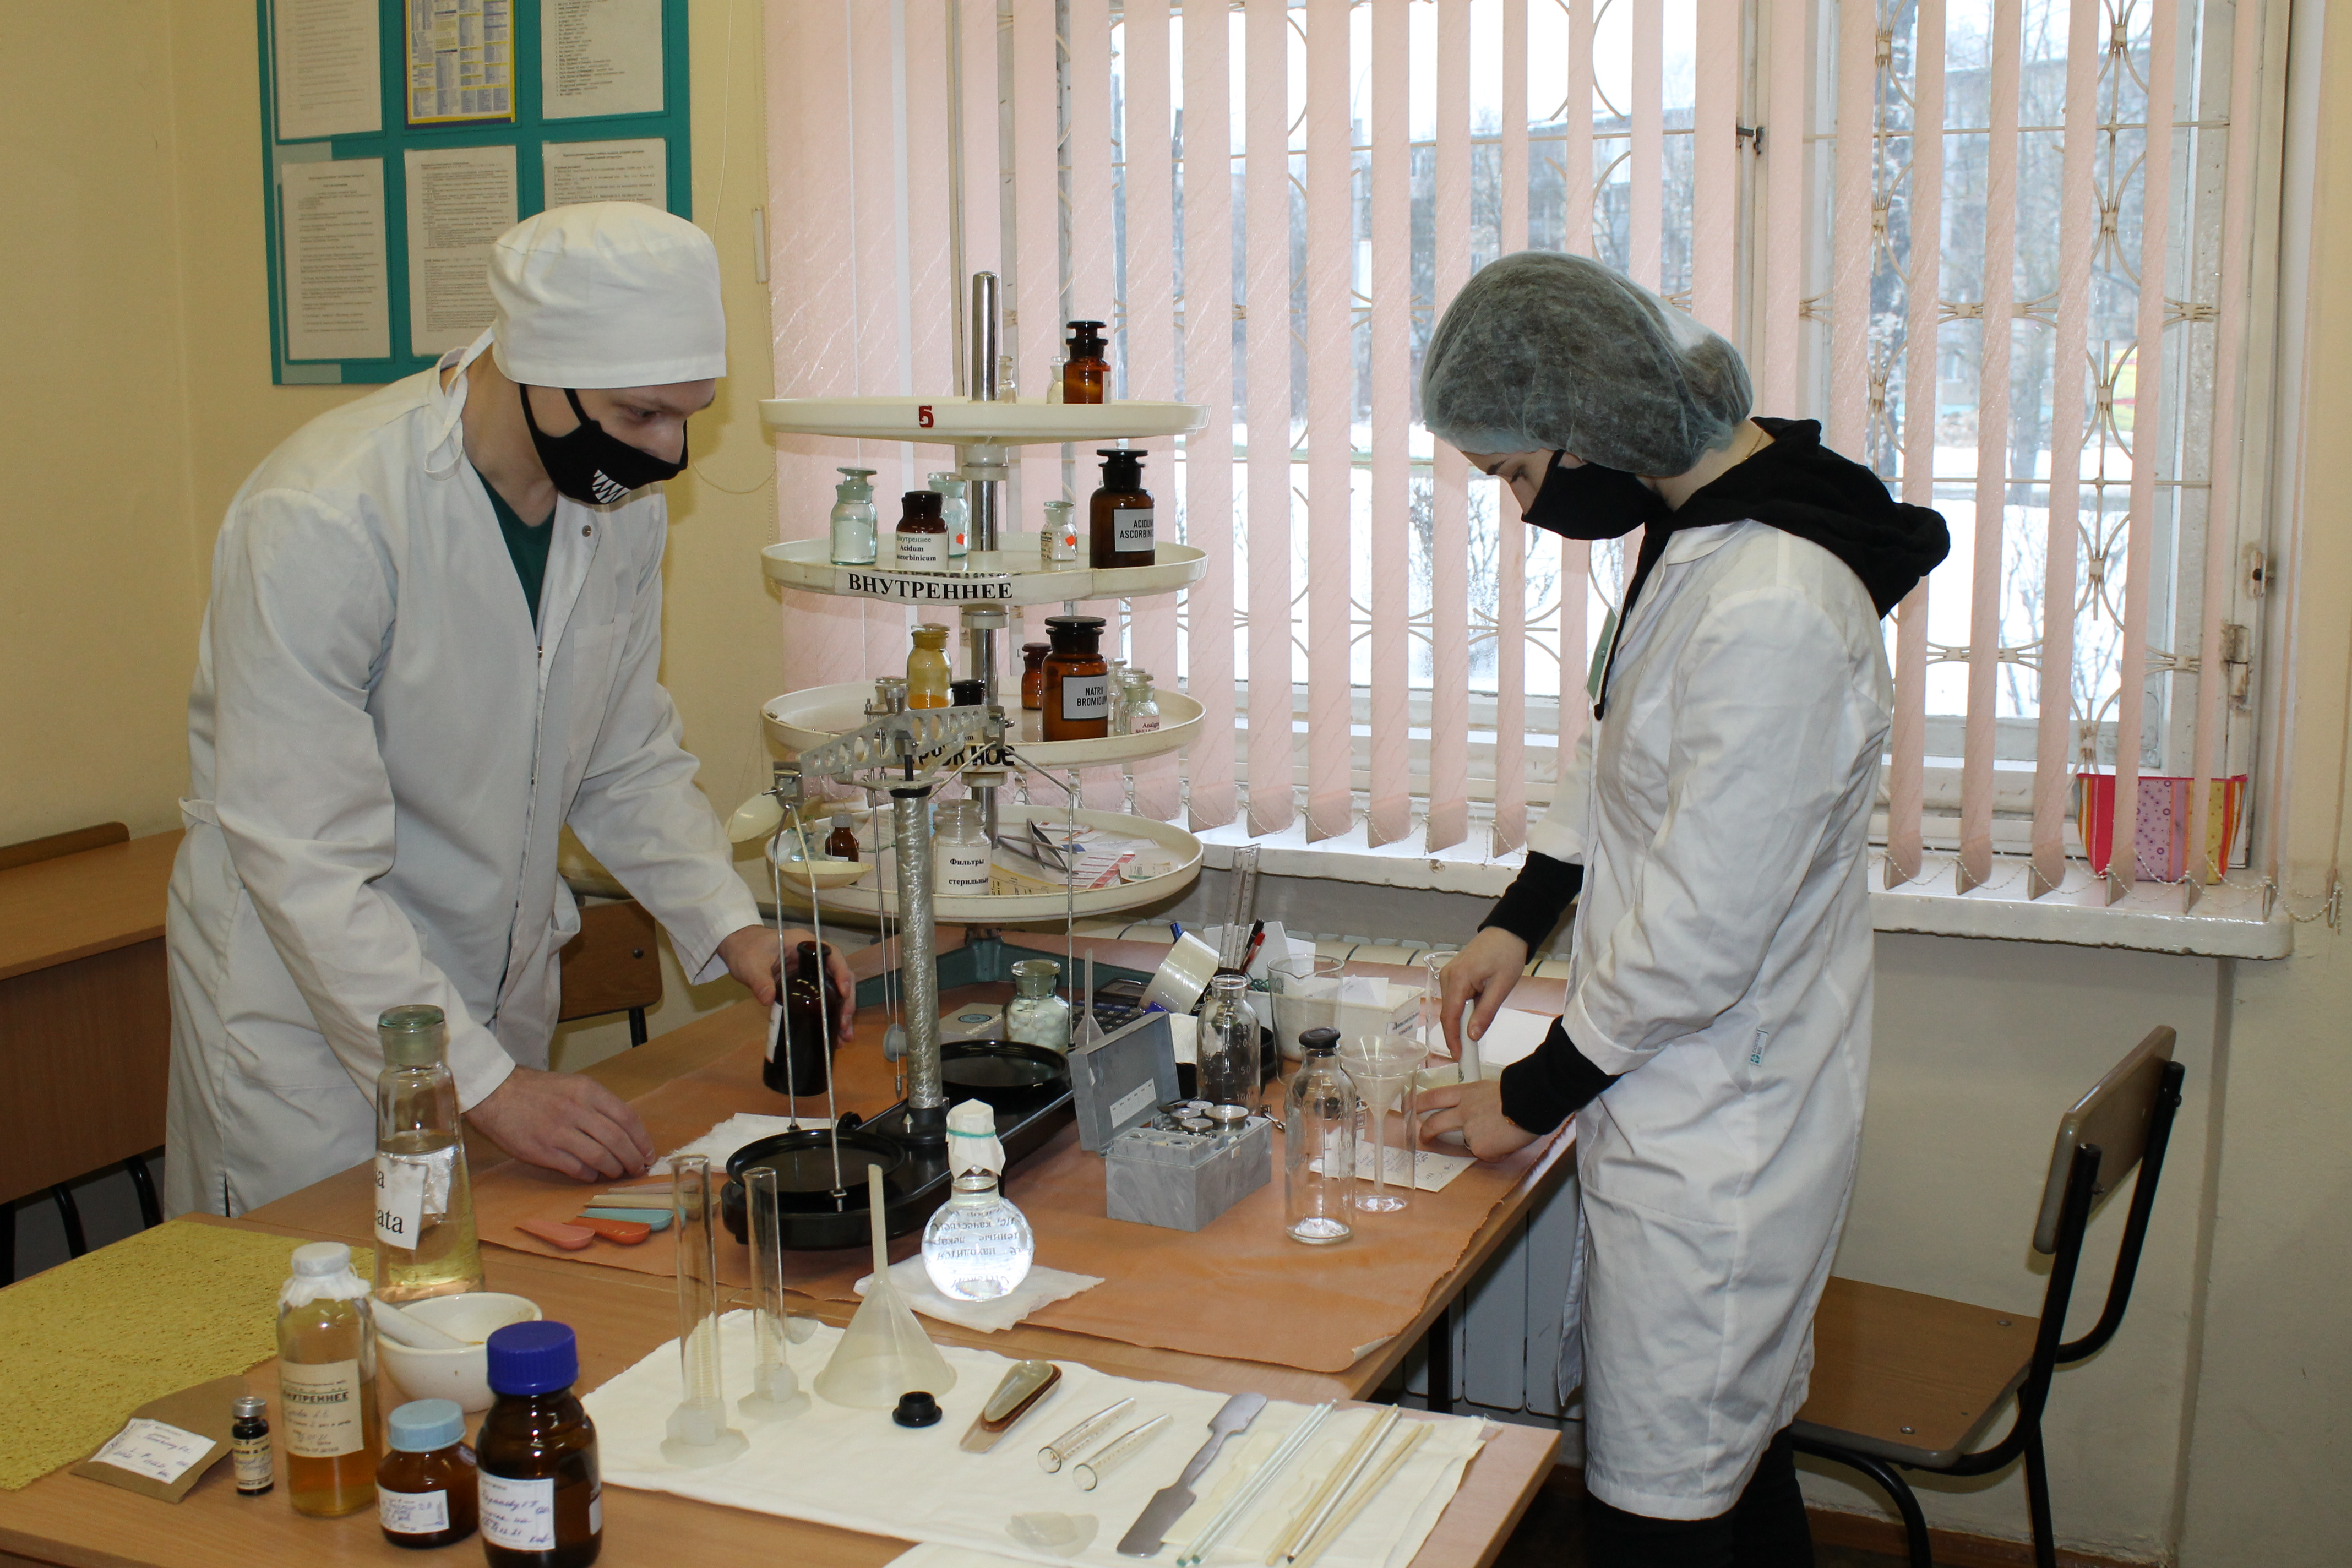 Пресс-релиз от 25 января 2021 г. в Ивановском медицинском колледже состоялась III Студенческая научно-практическая конференция «Сестринское дело сегодня!»